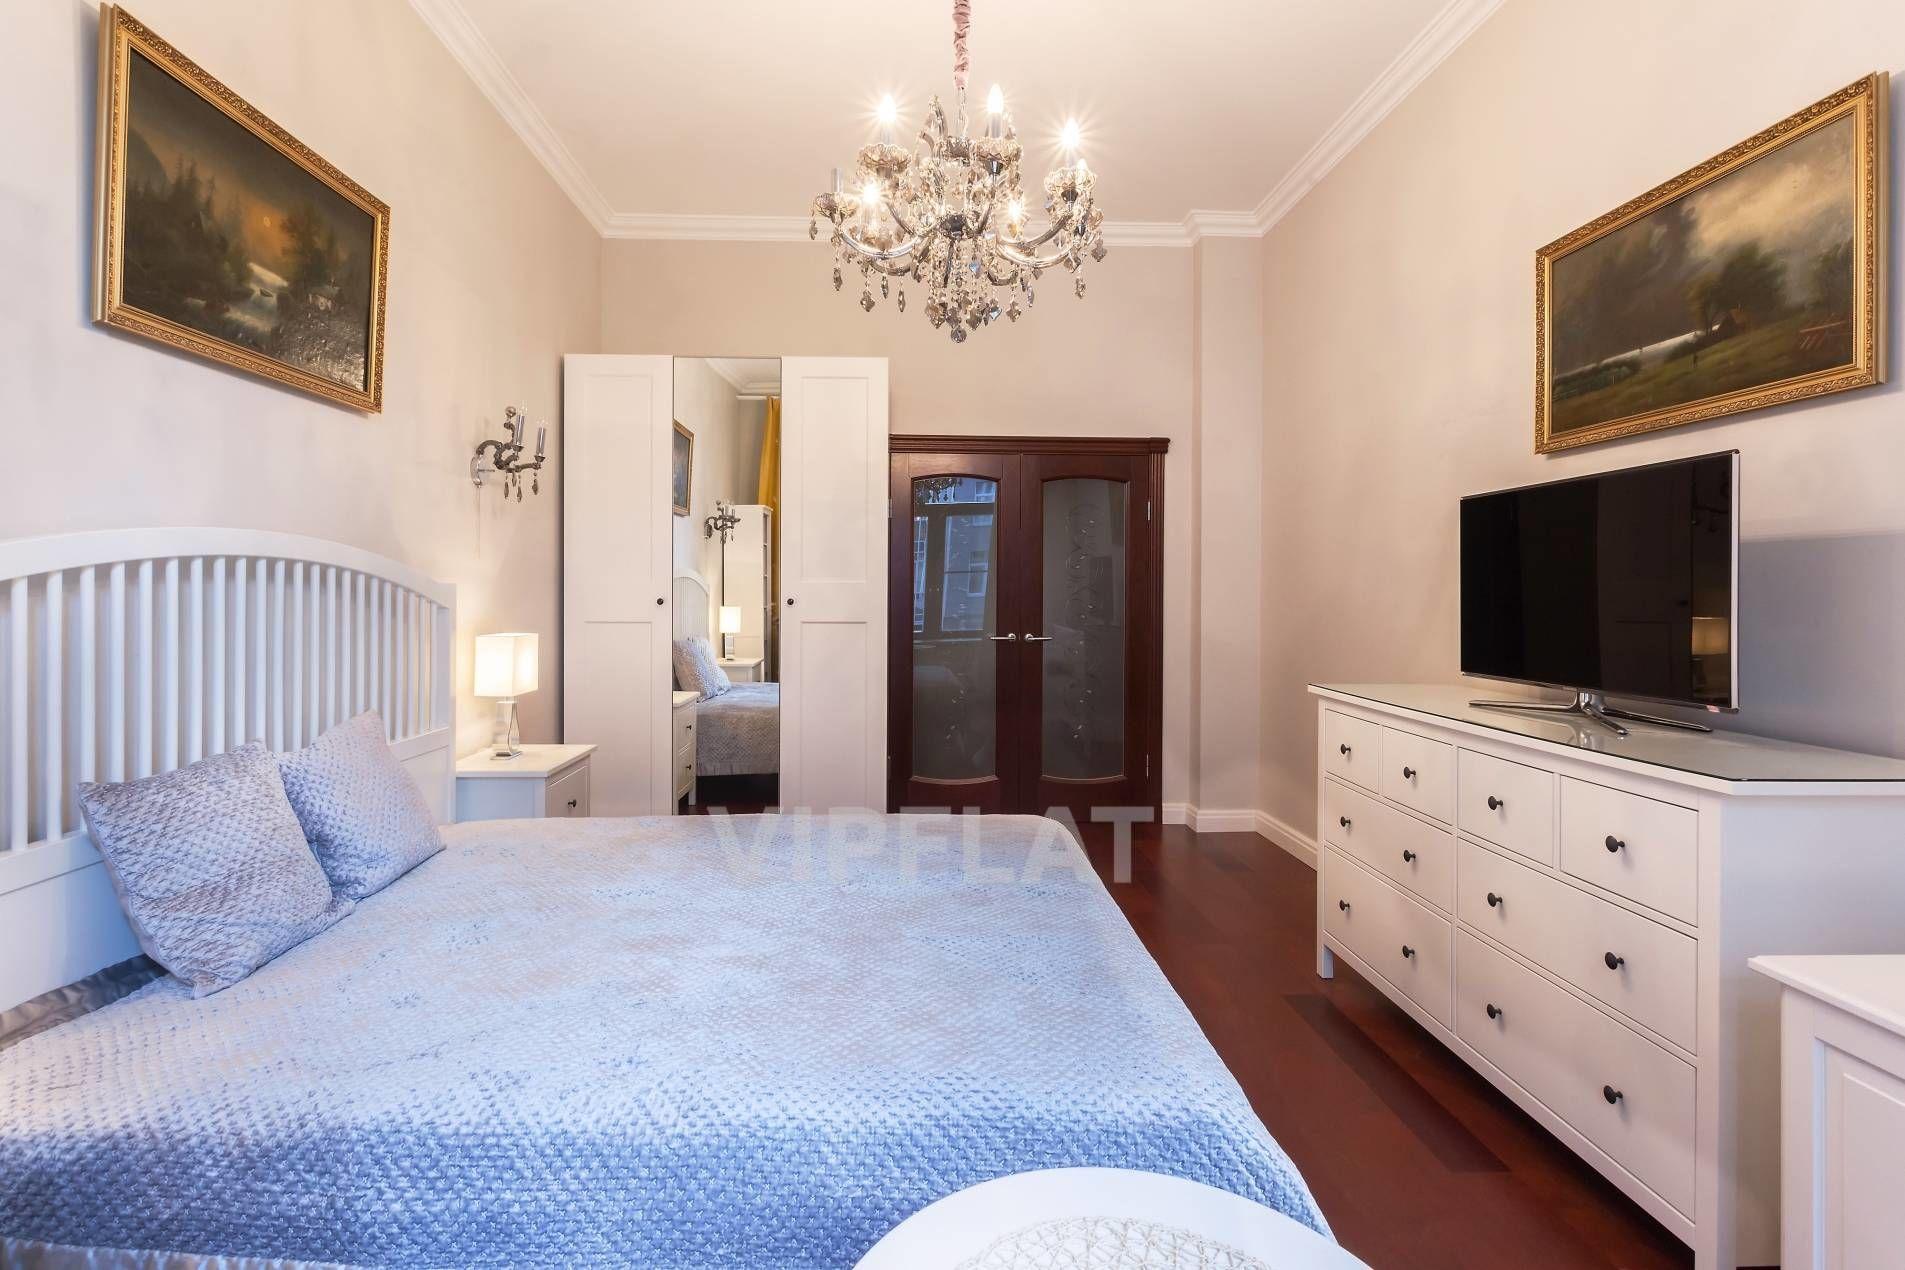 Продажа элитных квартир Санкт-Петербурга. Вязовая ул., 10 Ремонт выполнен в классическом стиле